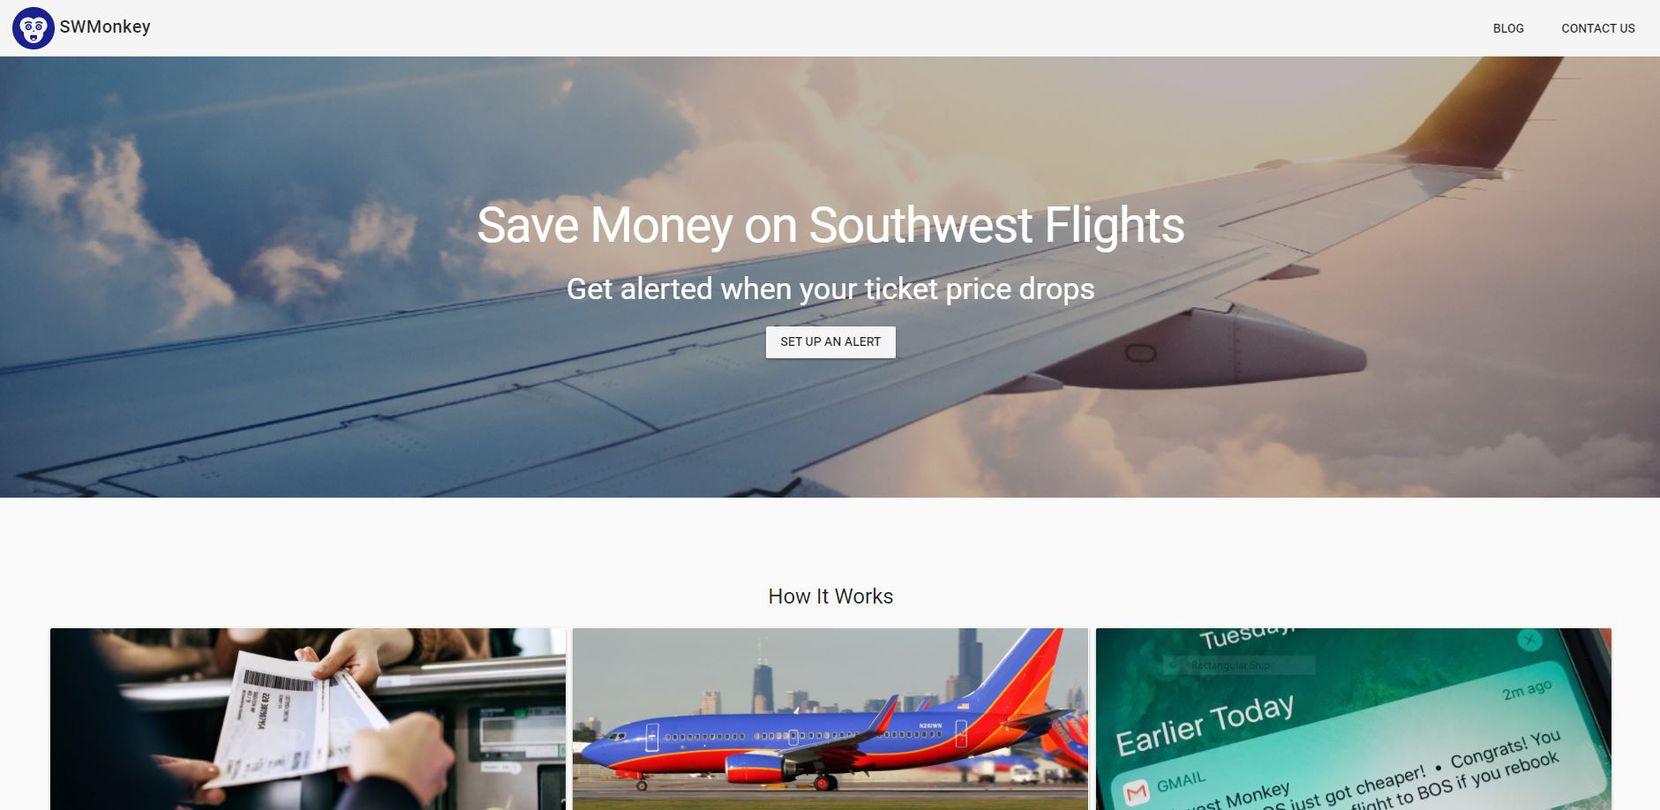 A screen capture of SWMonkey.com taken on Jan. 9, 2018.